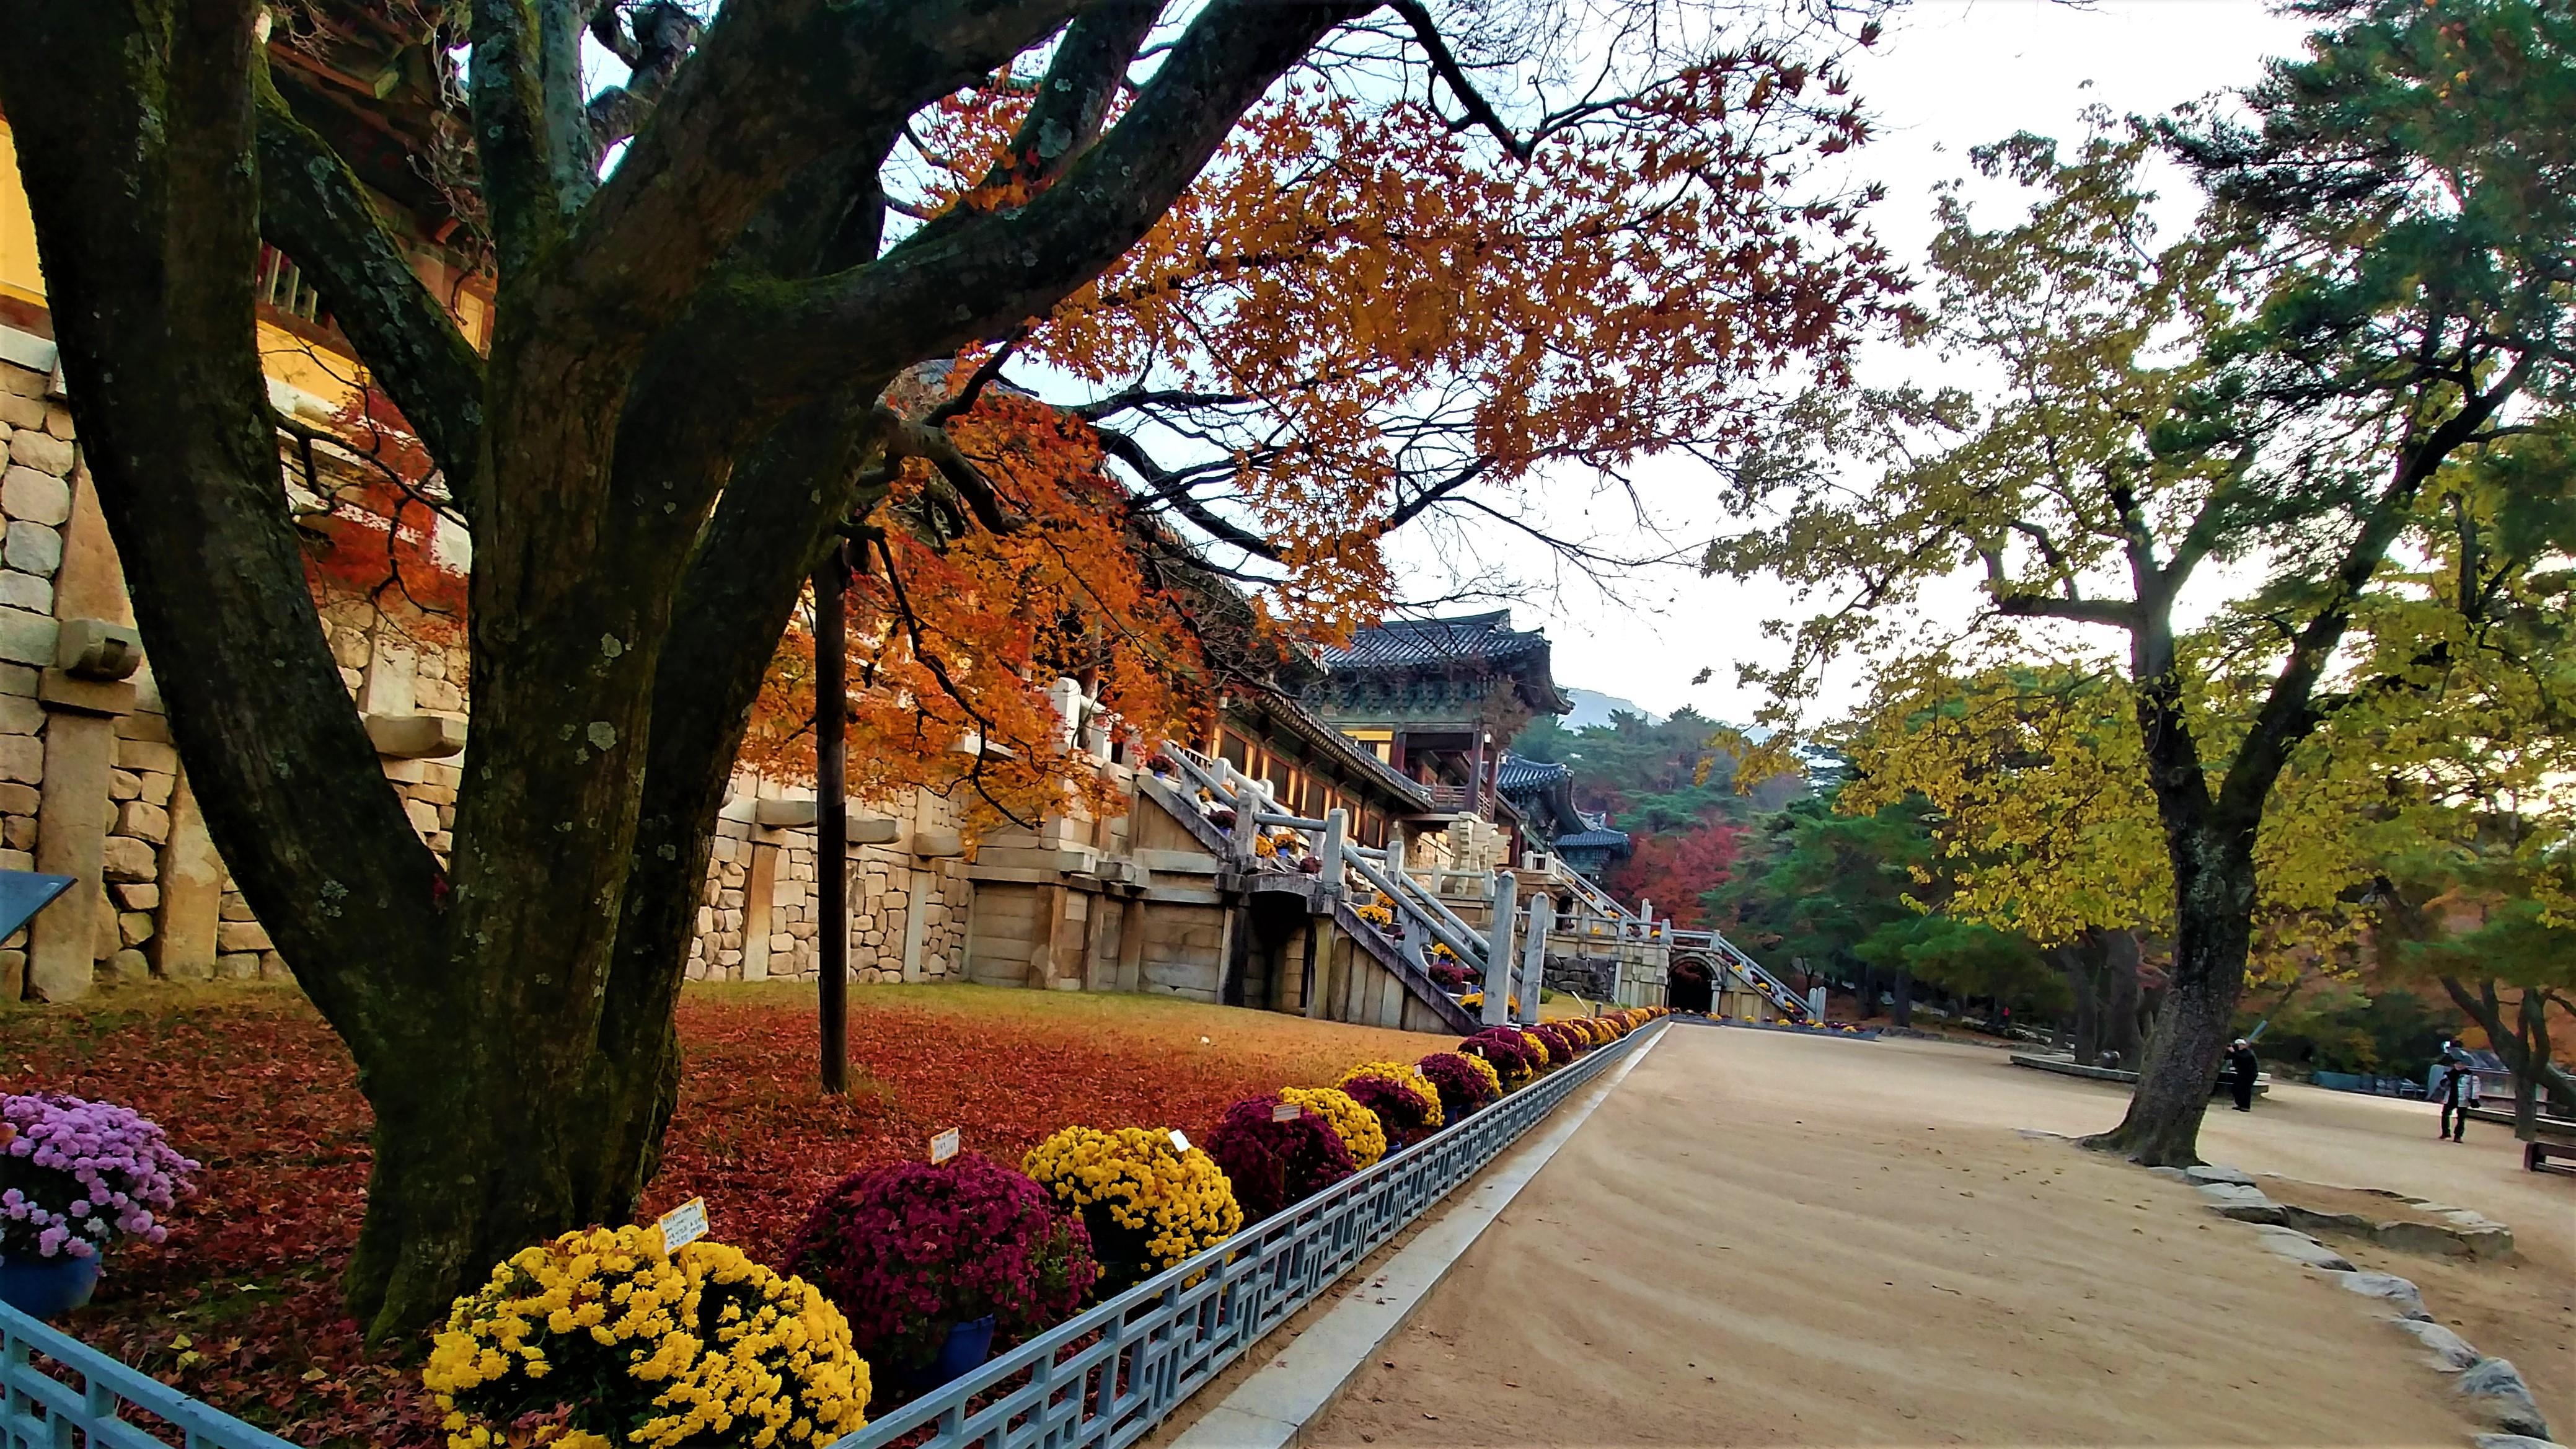 bulguksa retraite bouddhiste templestay coree du sud blog voyage arpenter le chemin